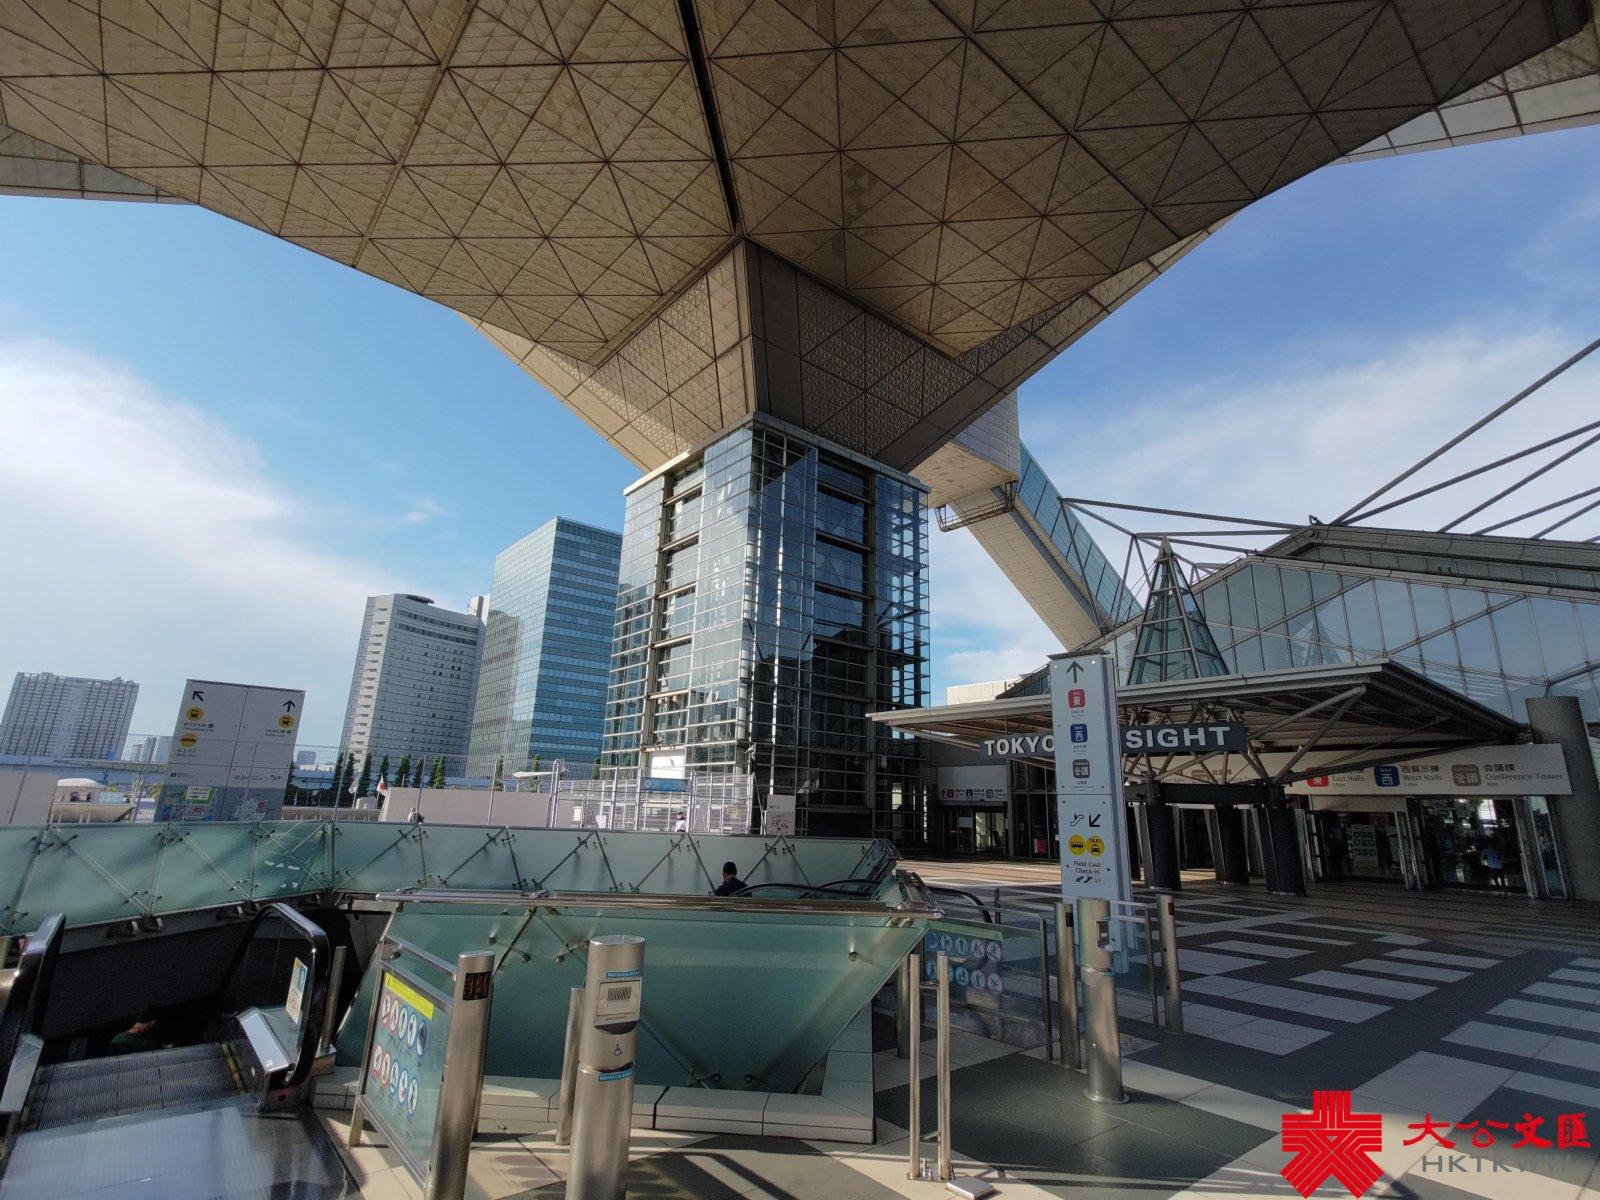 傳媒中心(MPC)和國際廣播中心(IBC)外景,該地為東京有明會議展覽中心。(大公報記者張銳 攝)